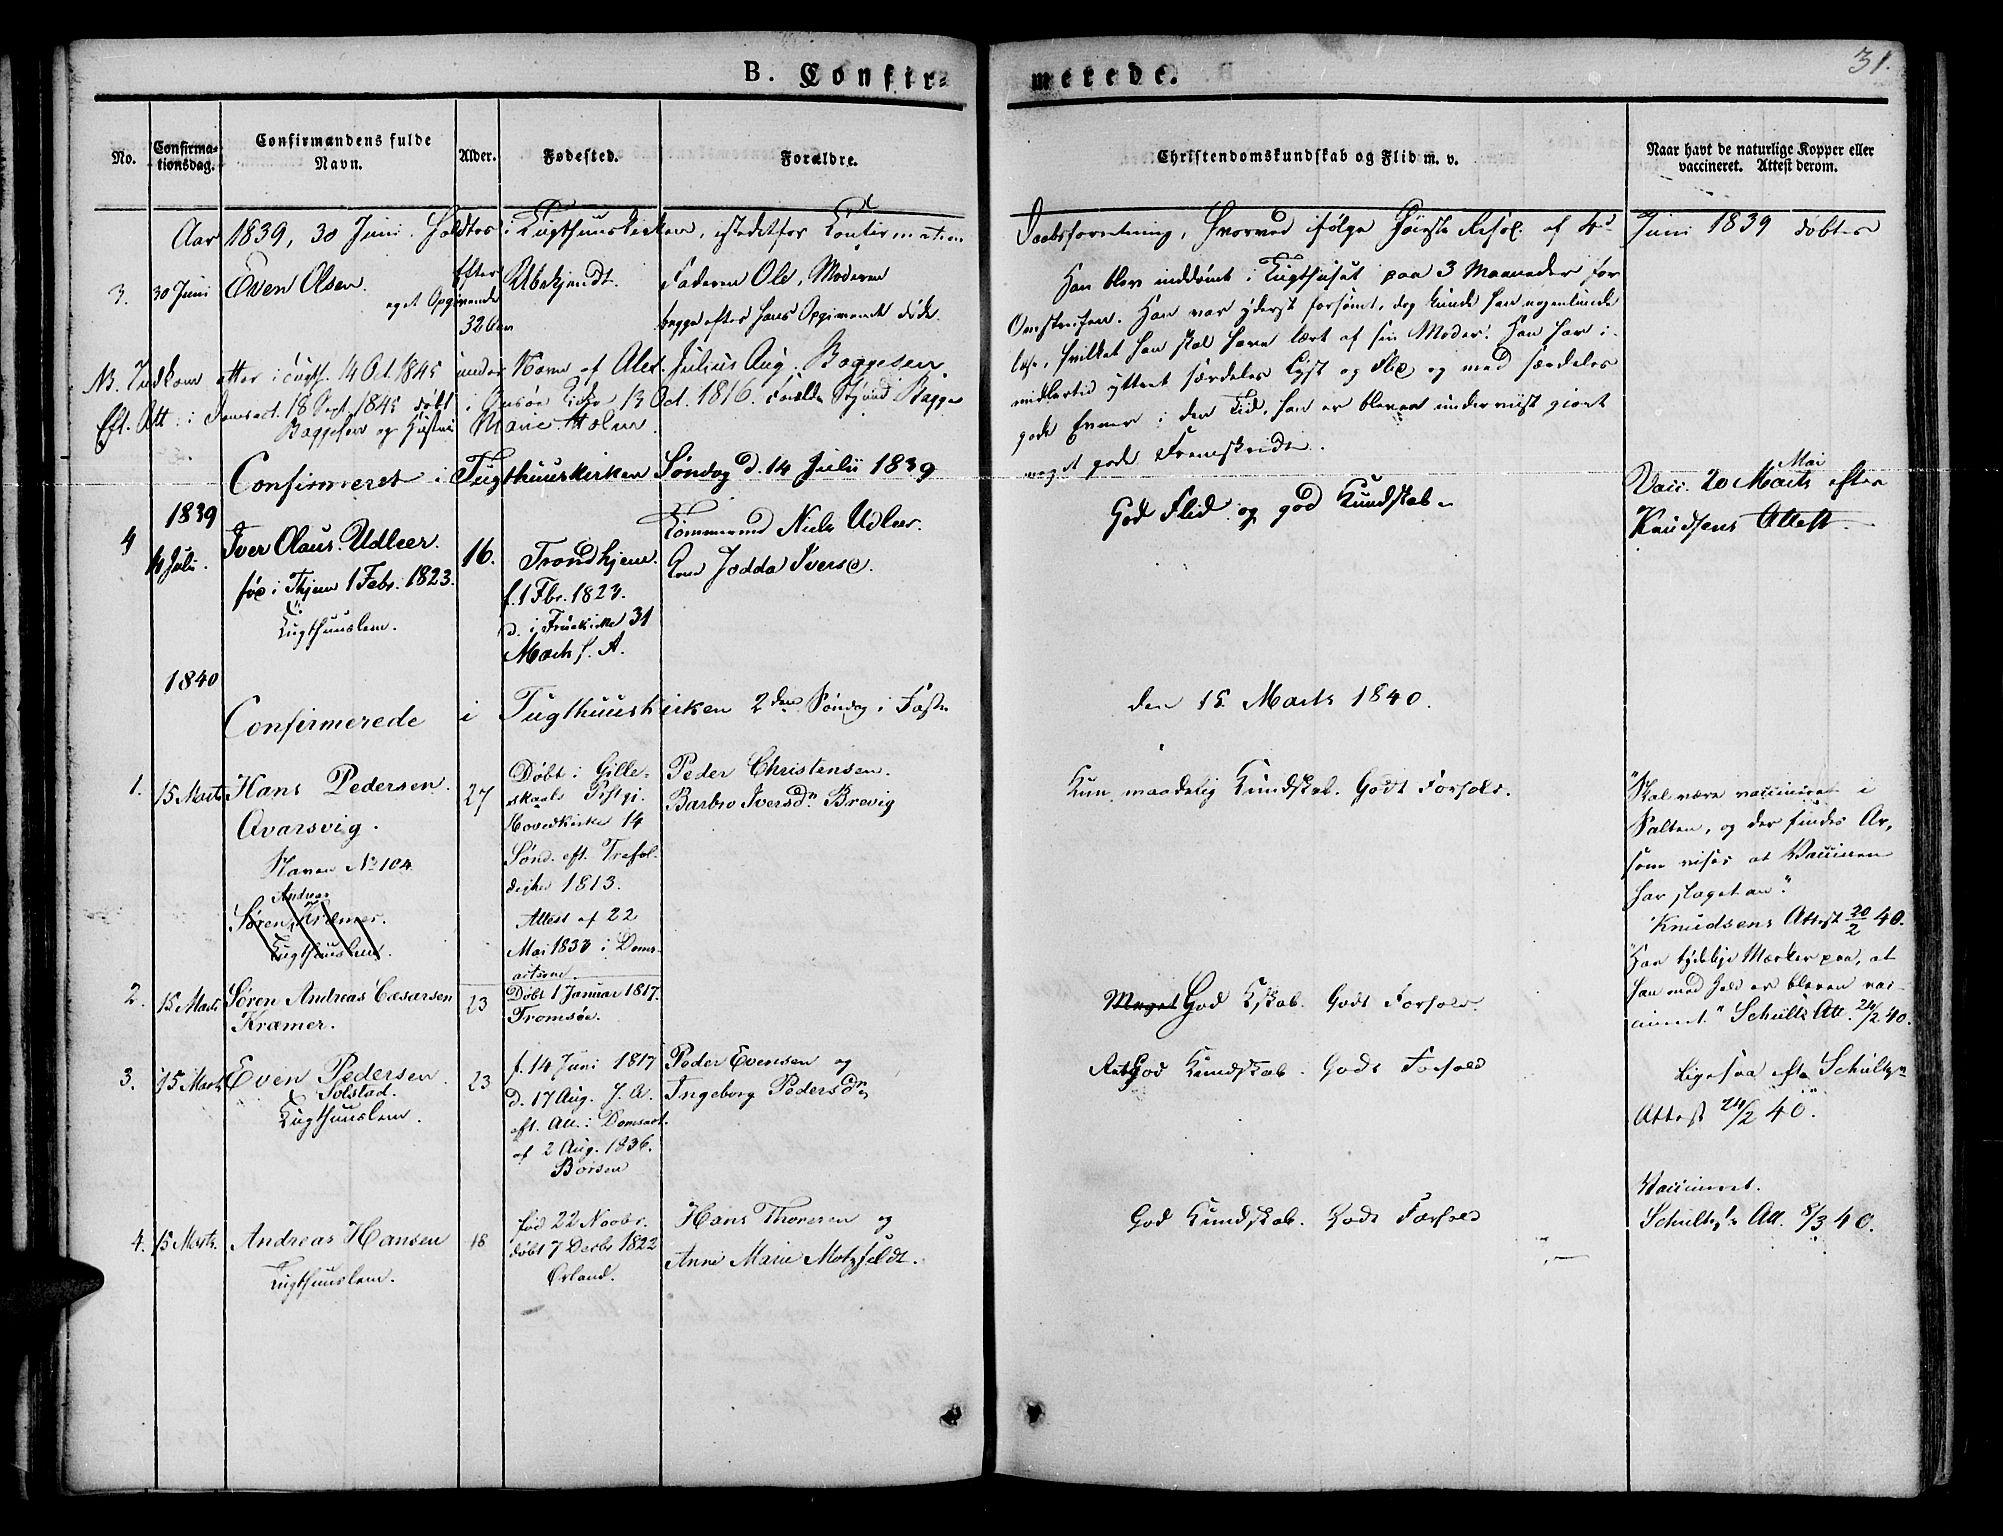 SAT, Ministerialprotokoller, klokkerbøker og fødselsregistre - Sør-Trøndelag, 623/L0468: Ministerialbok nr. 623A02, 1826-1867, s. 31